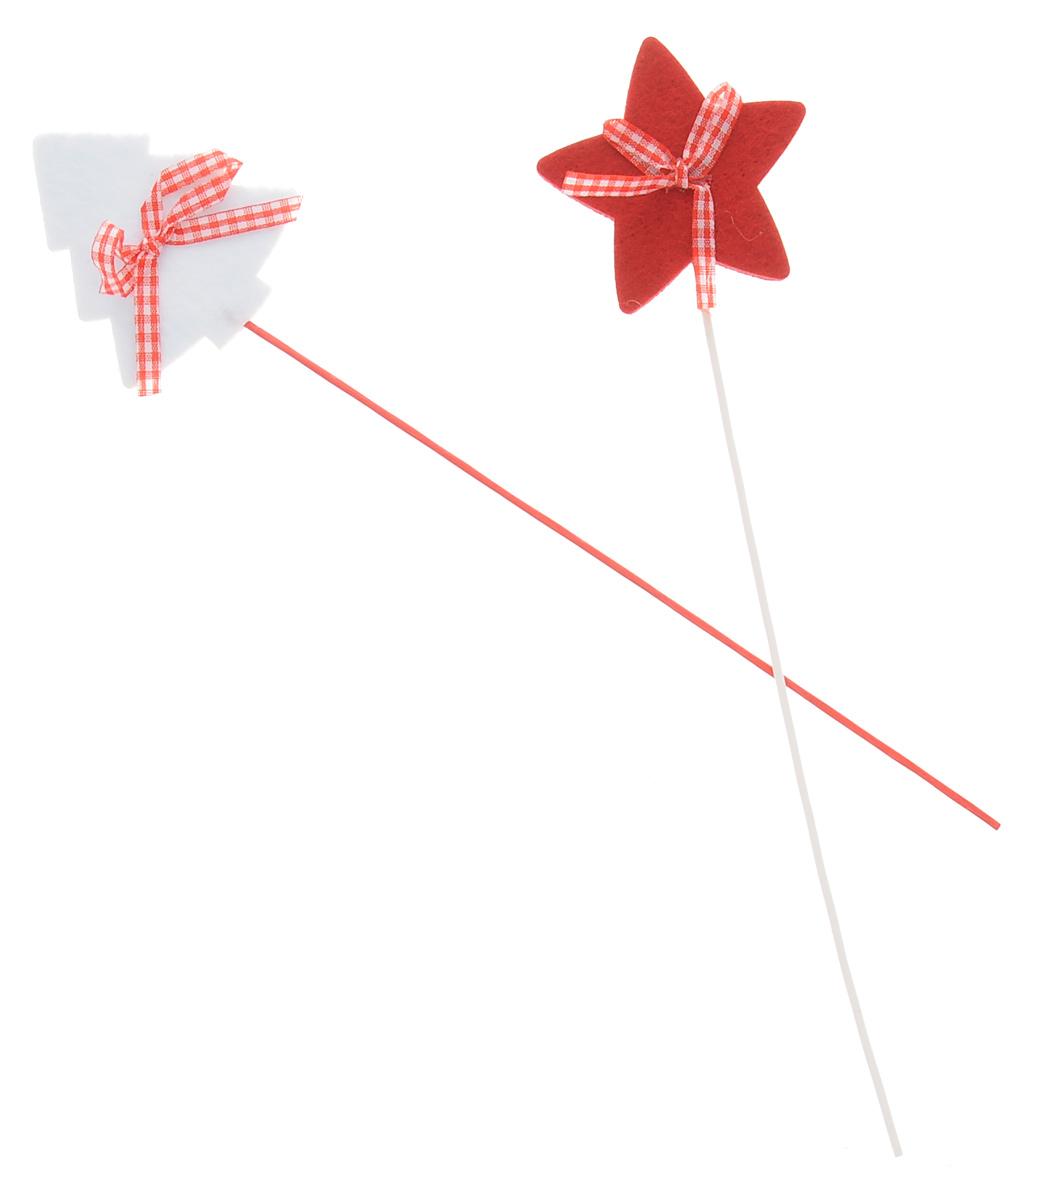 Набор декоративных украшений на палочке Lunten Ranta Войлочный праздник, цвет: белый, красный, длина 28 см, 2 шт набор декоративных наклеек lunten ranta новогодние мотивы 34 шт